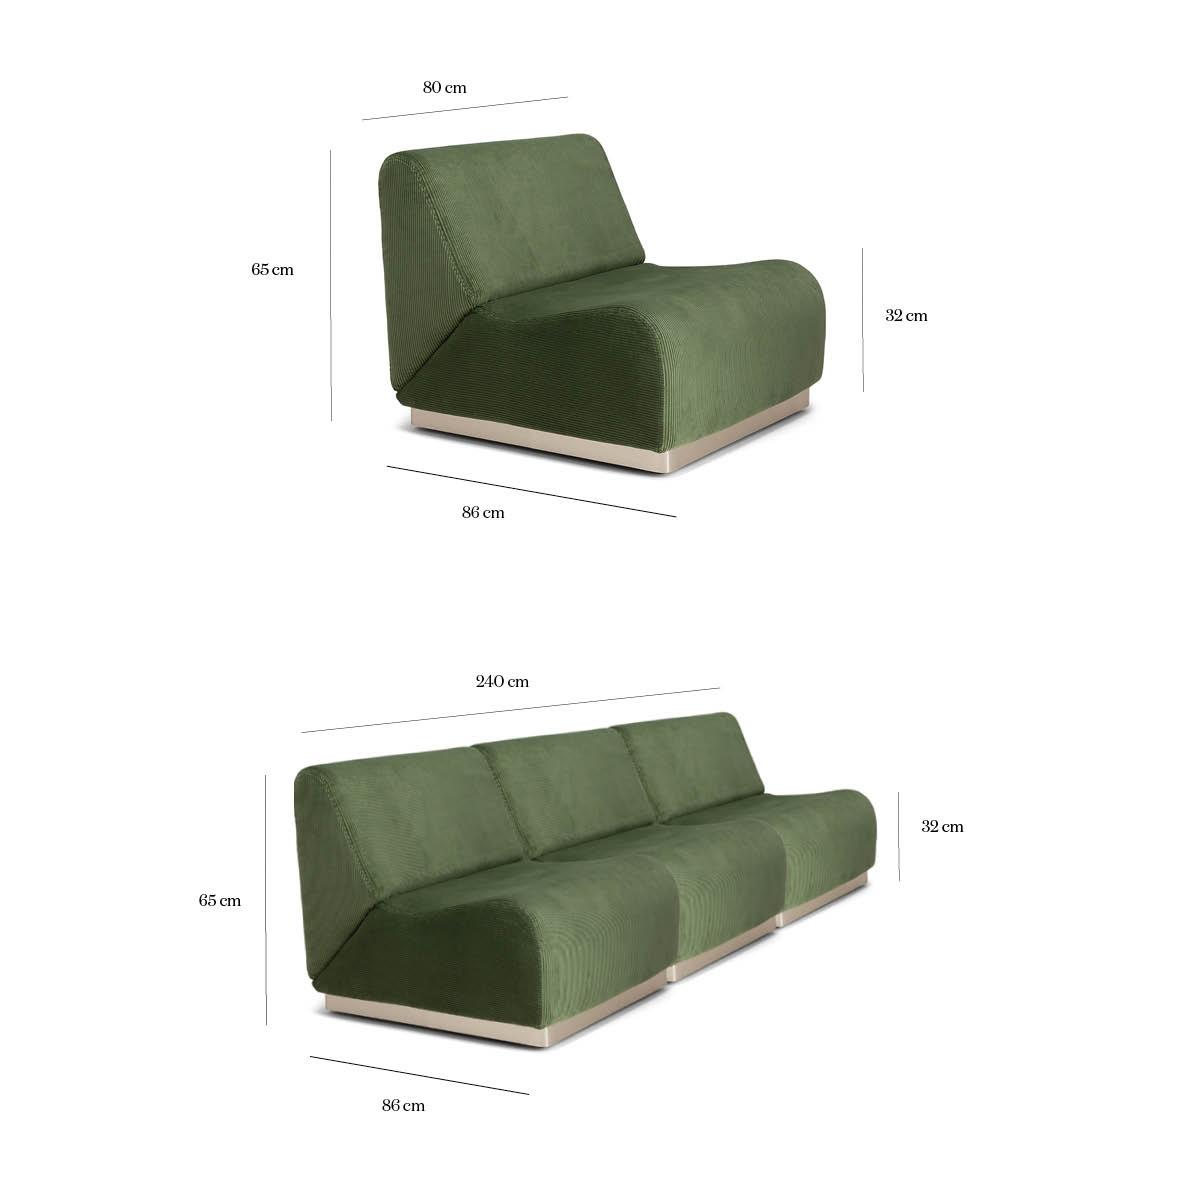 Canapé En Velours Cotelé canapé en velours côtelé vert amande - rotondo - the